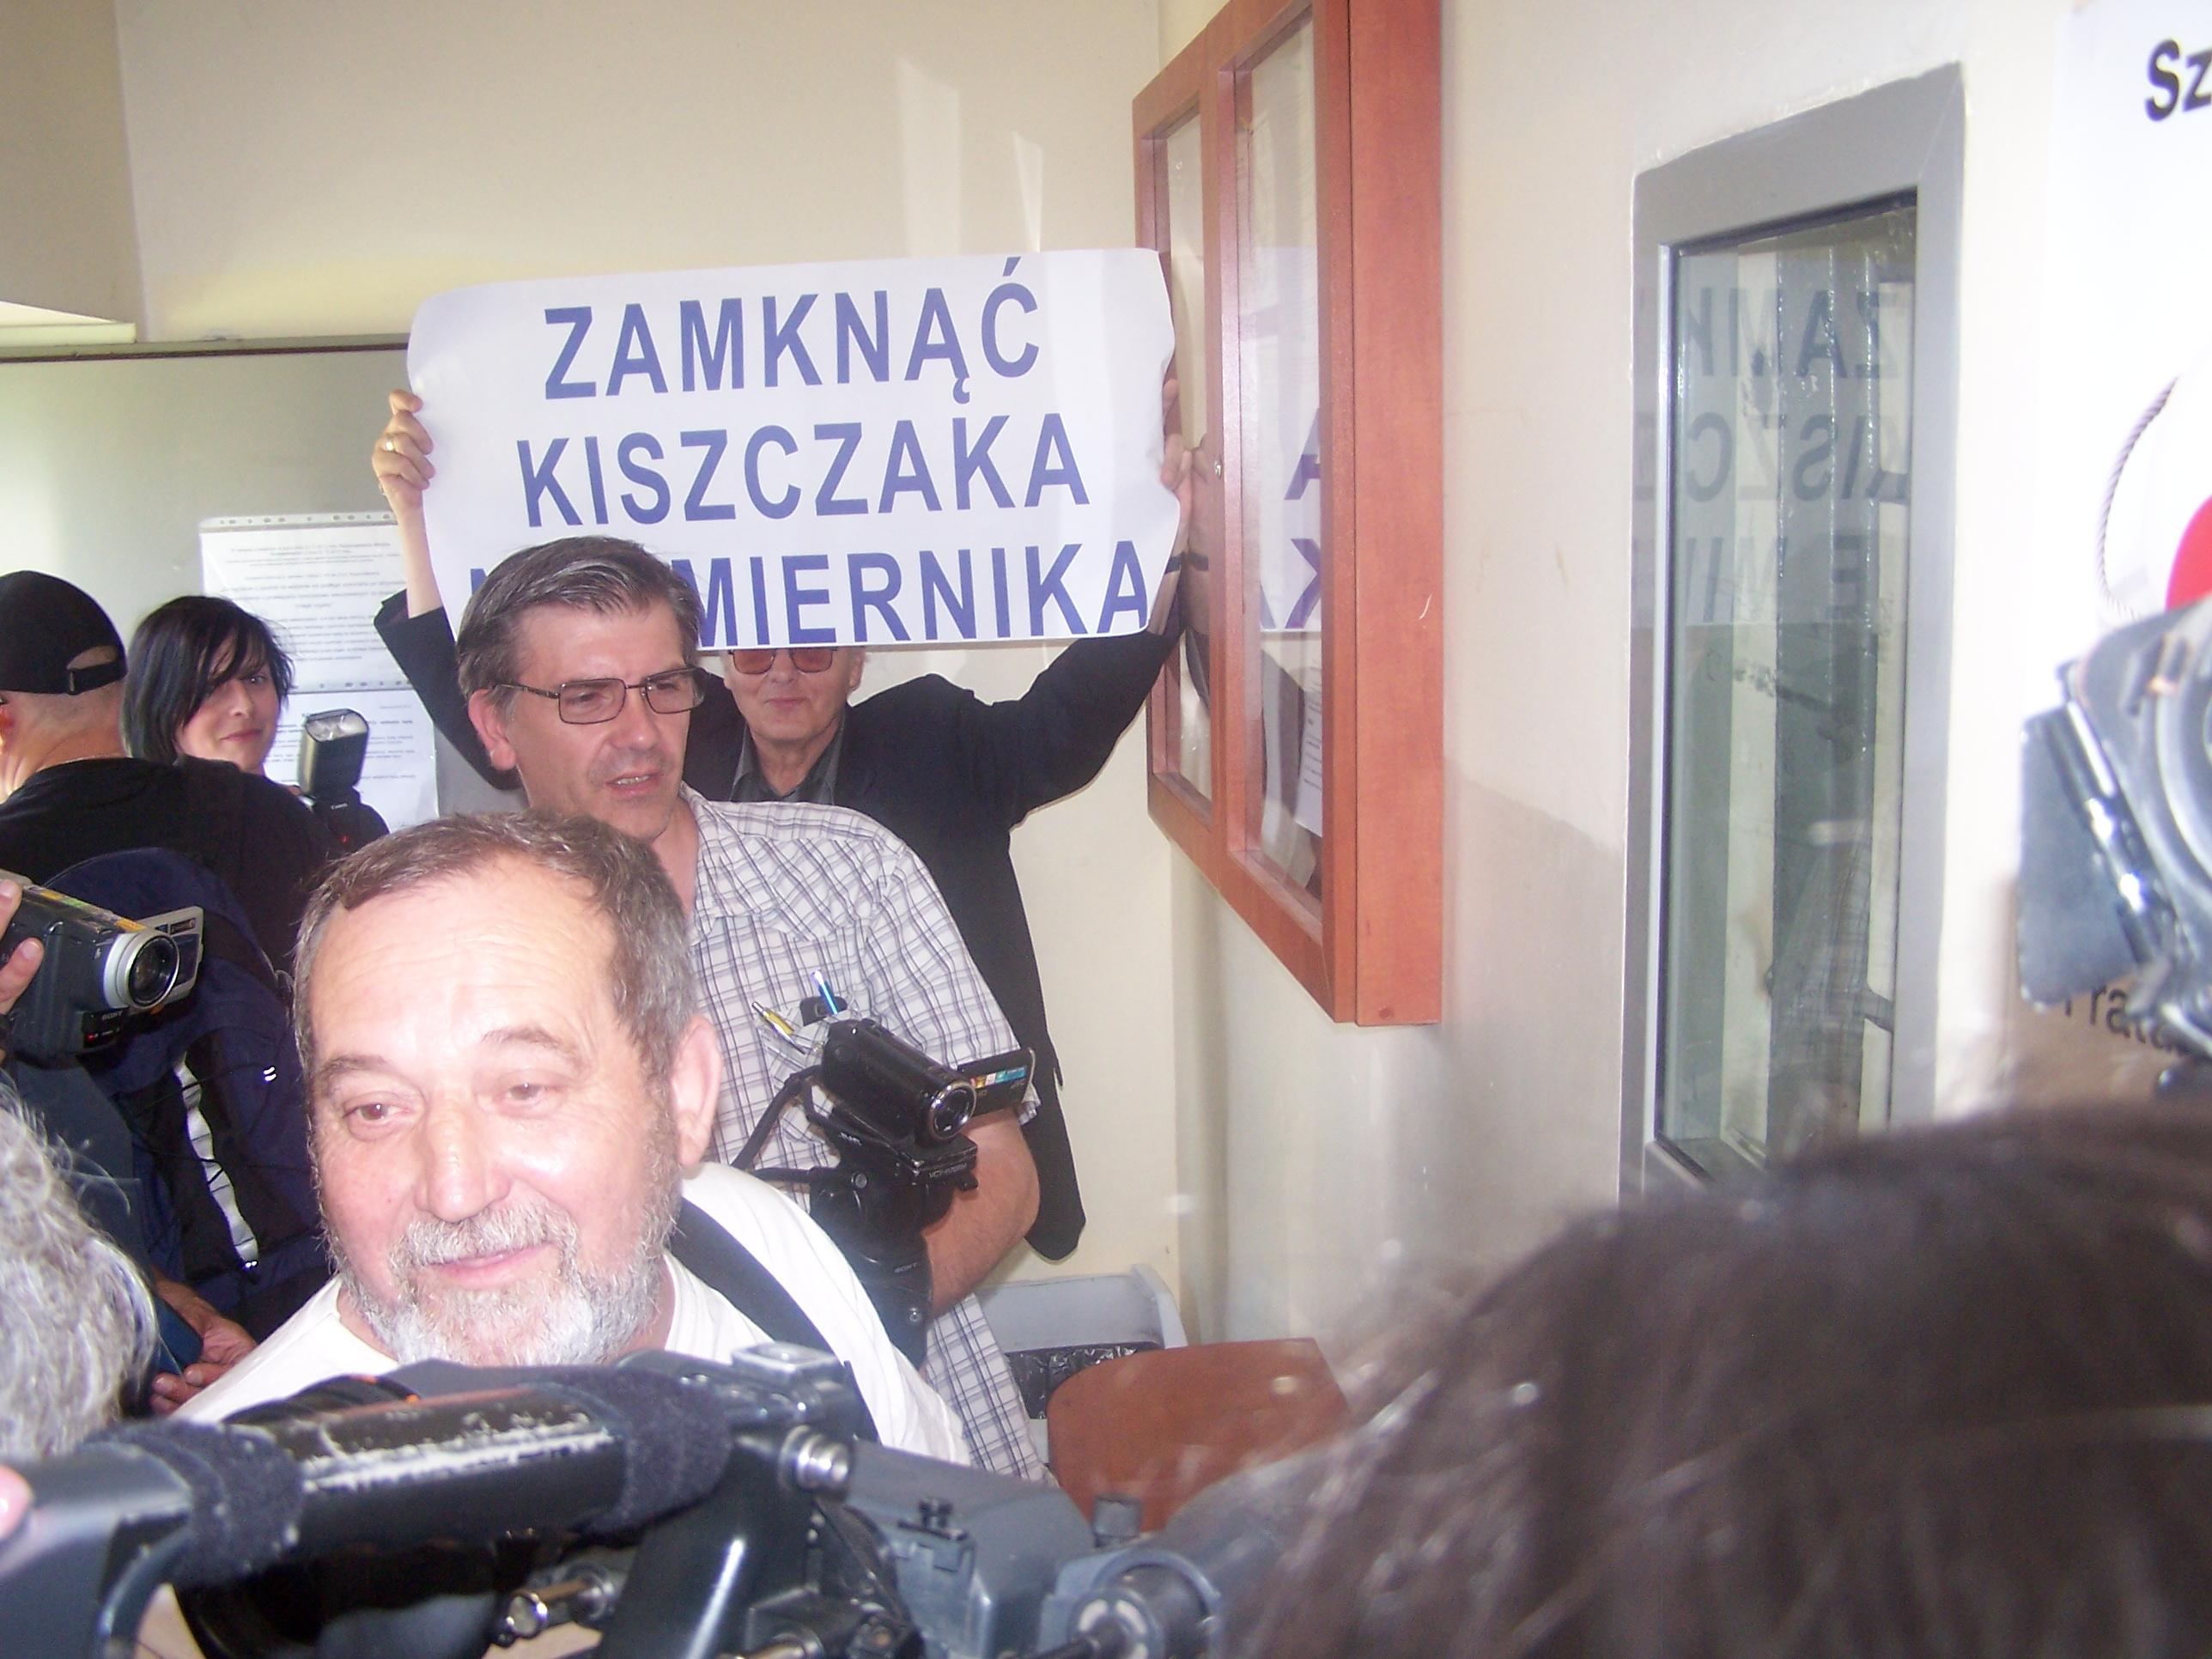 WOLNY CZYN: Miernik Tortowy aresztowany!